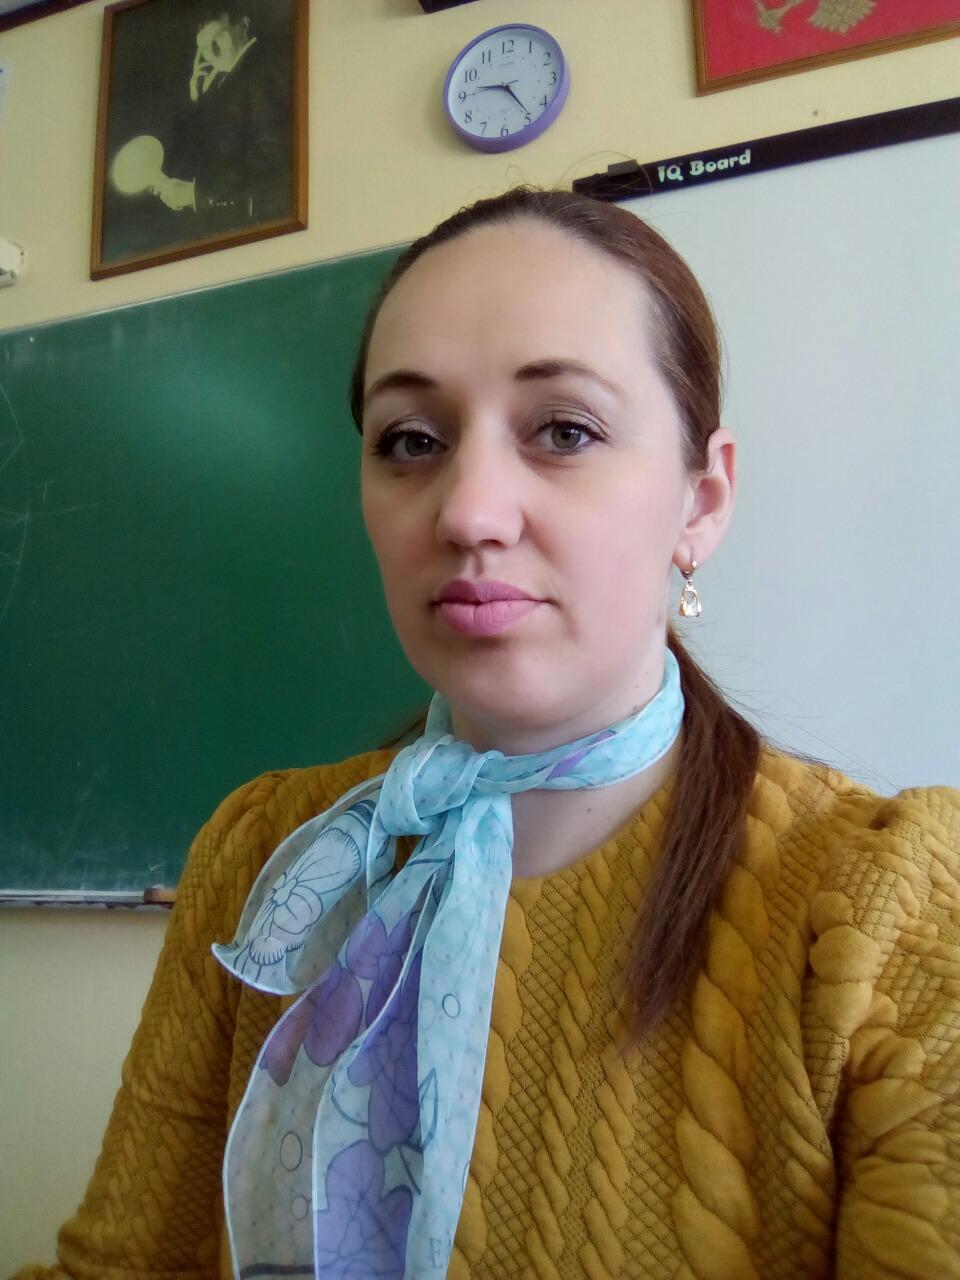 Marina Andrijevic Petrovic